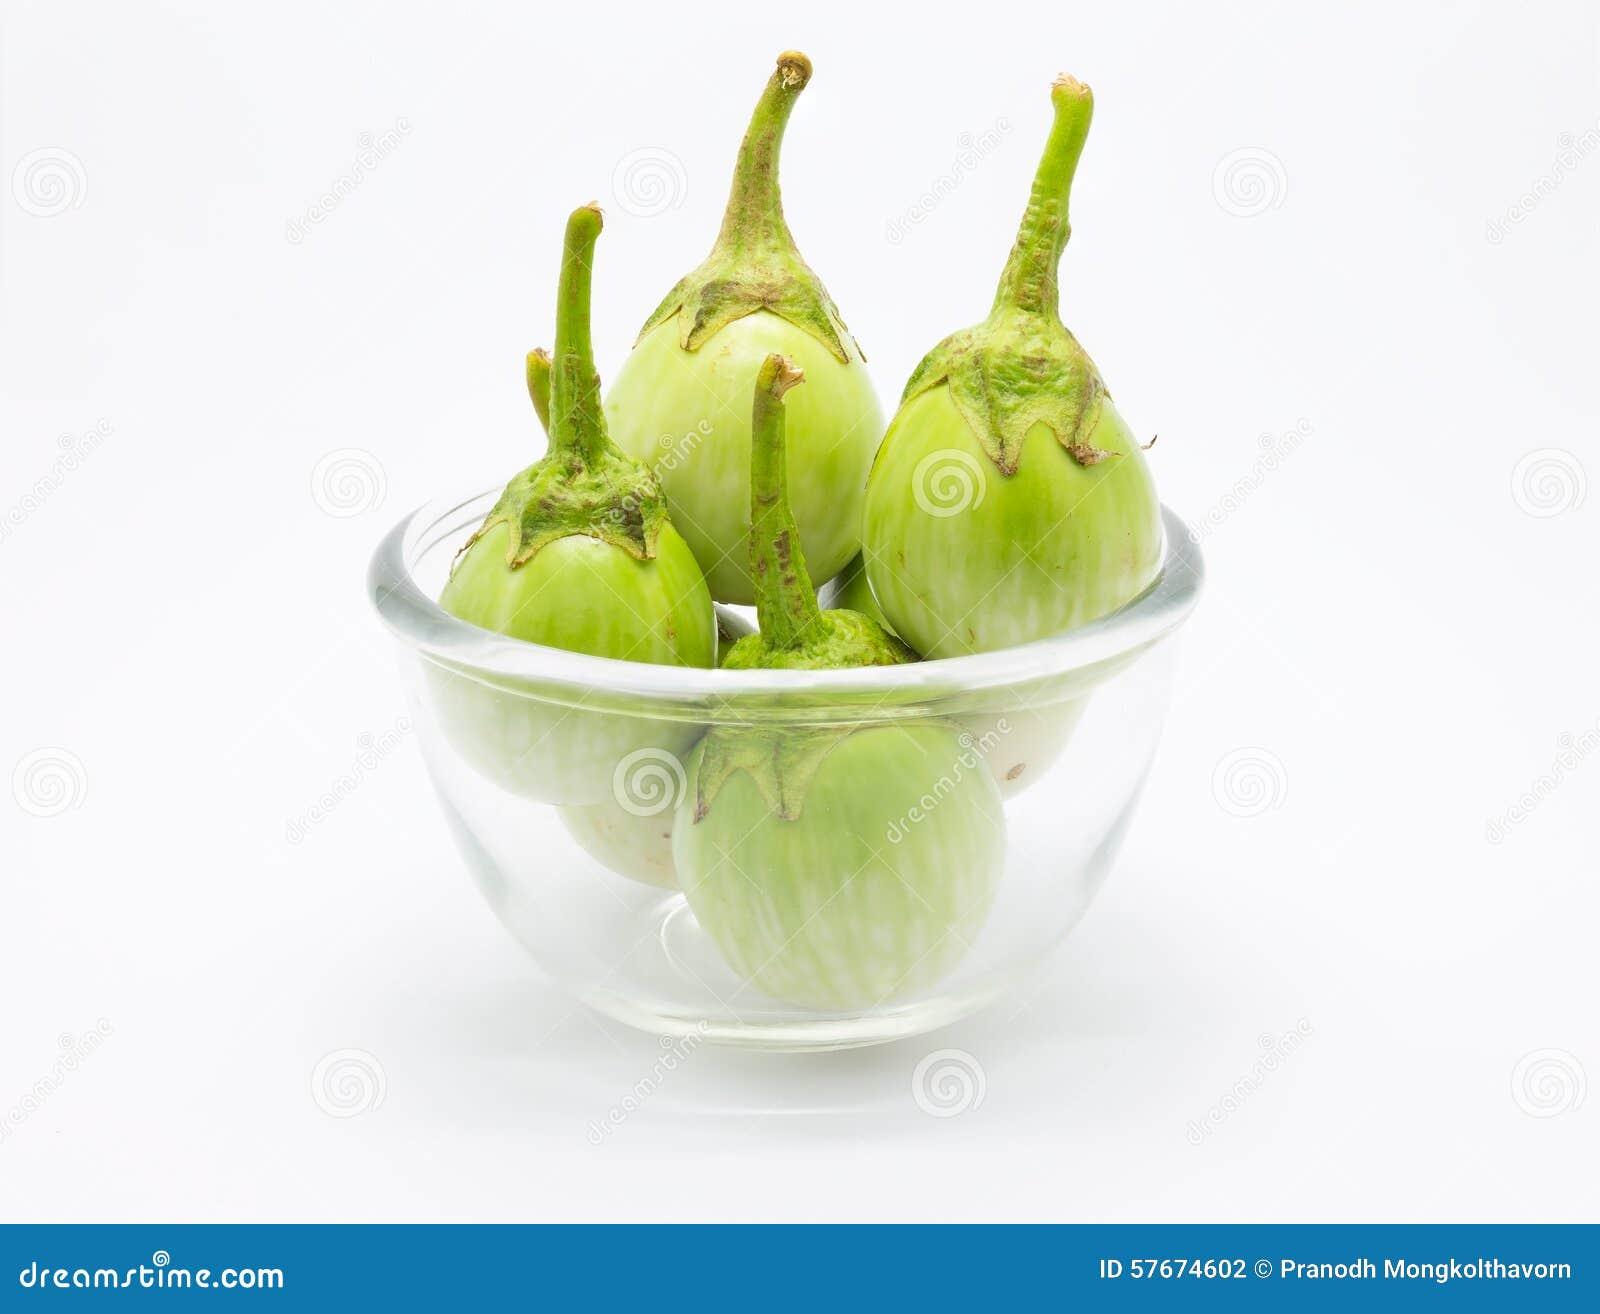 Puchar zielona oberżyna